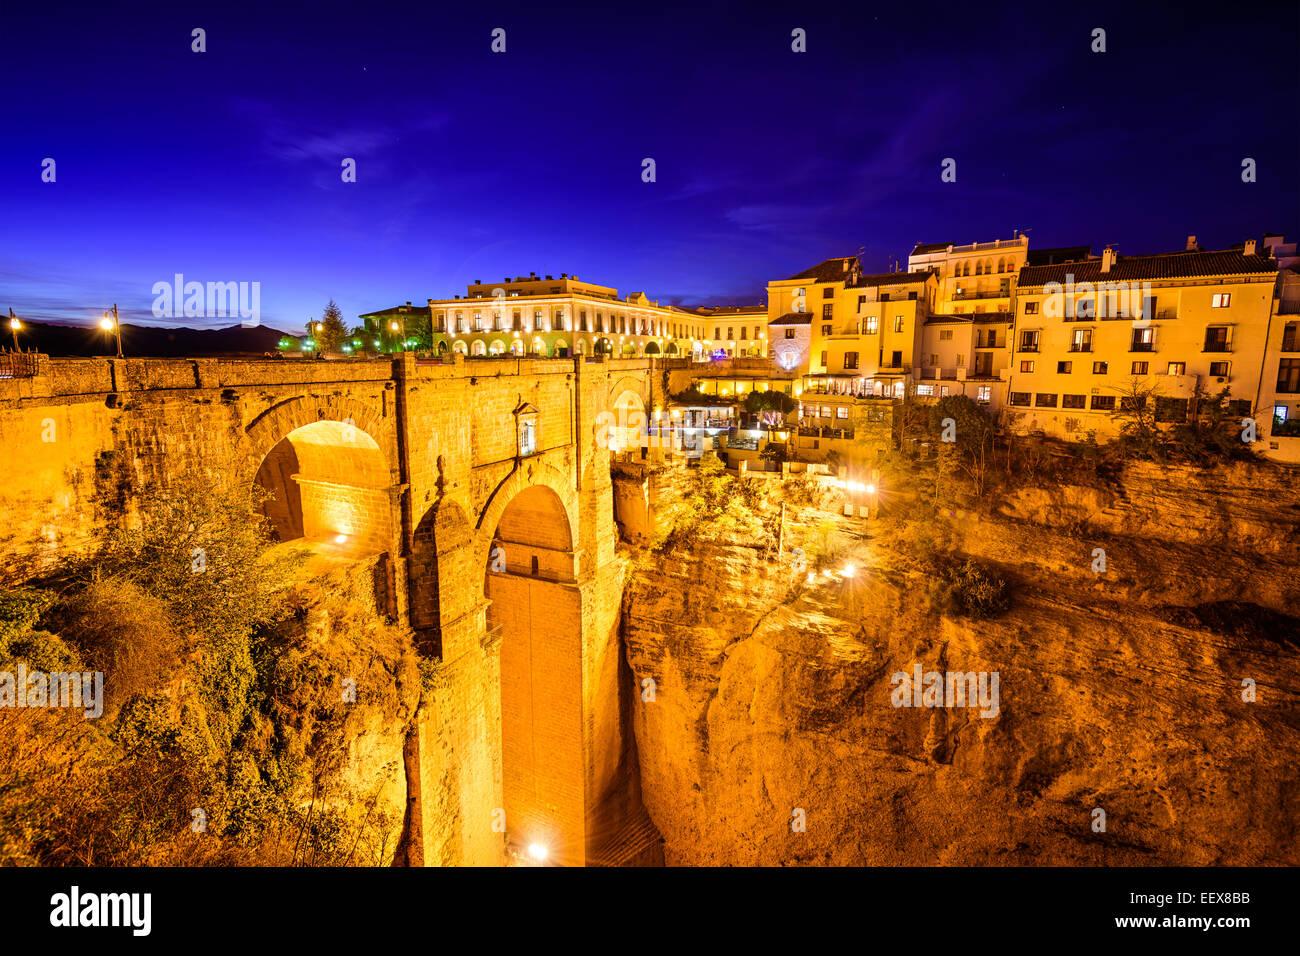 Ronda, España en Puente Nuevo Puente. Imagen De Stock